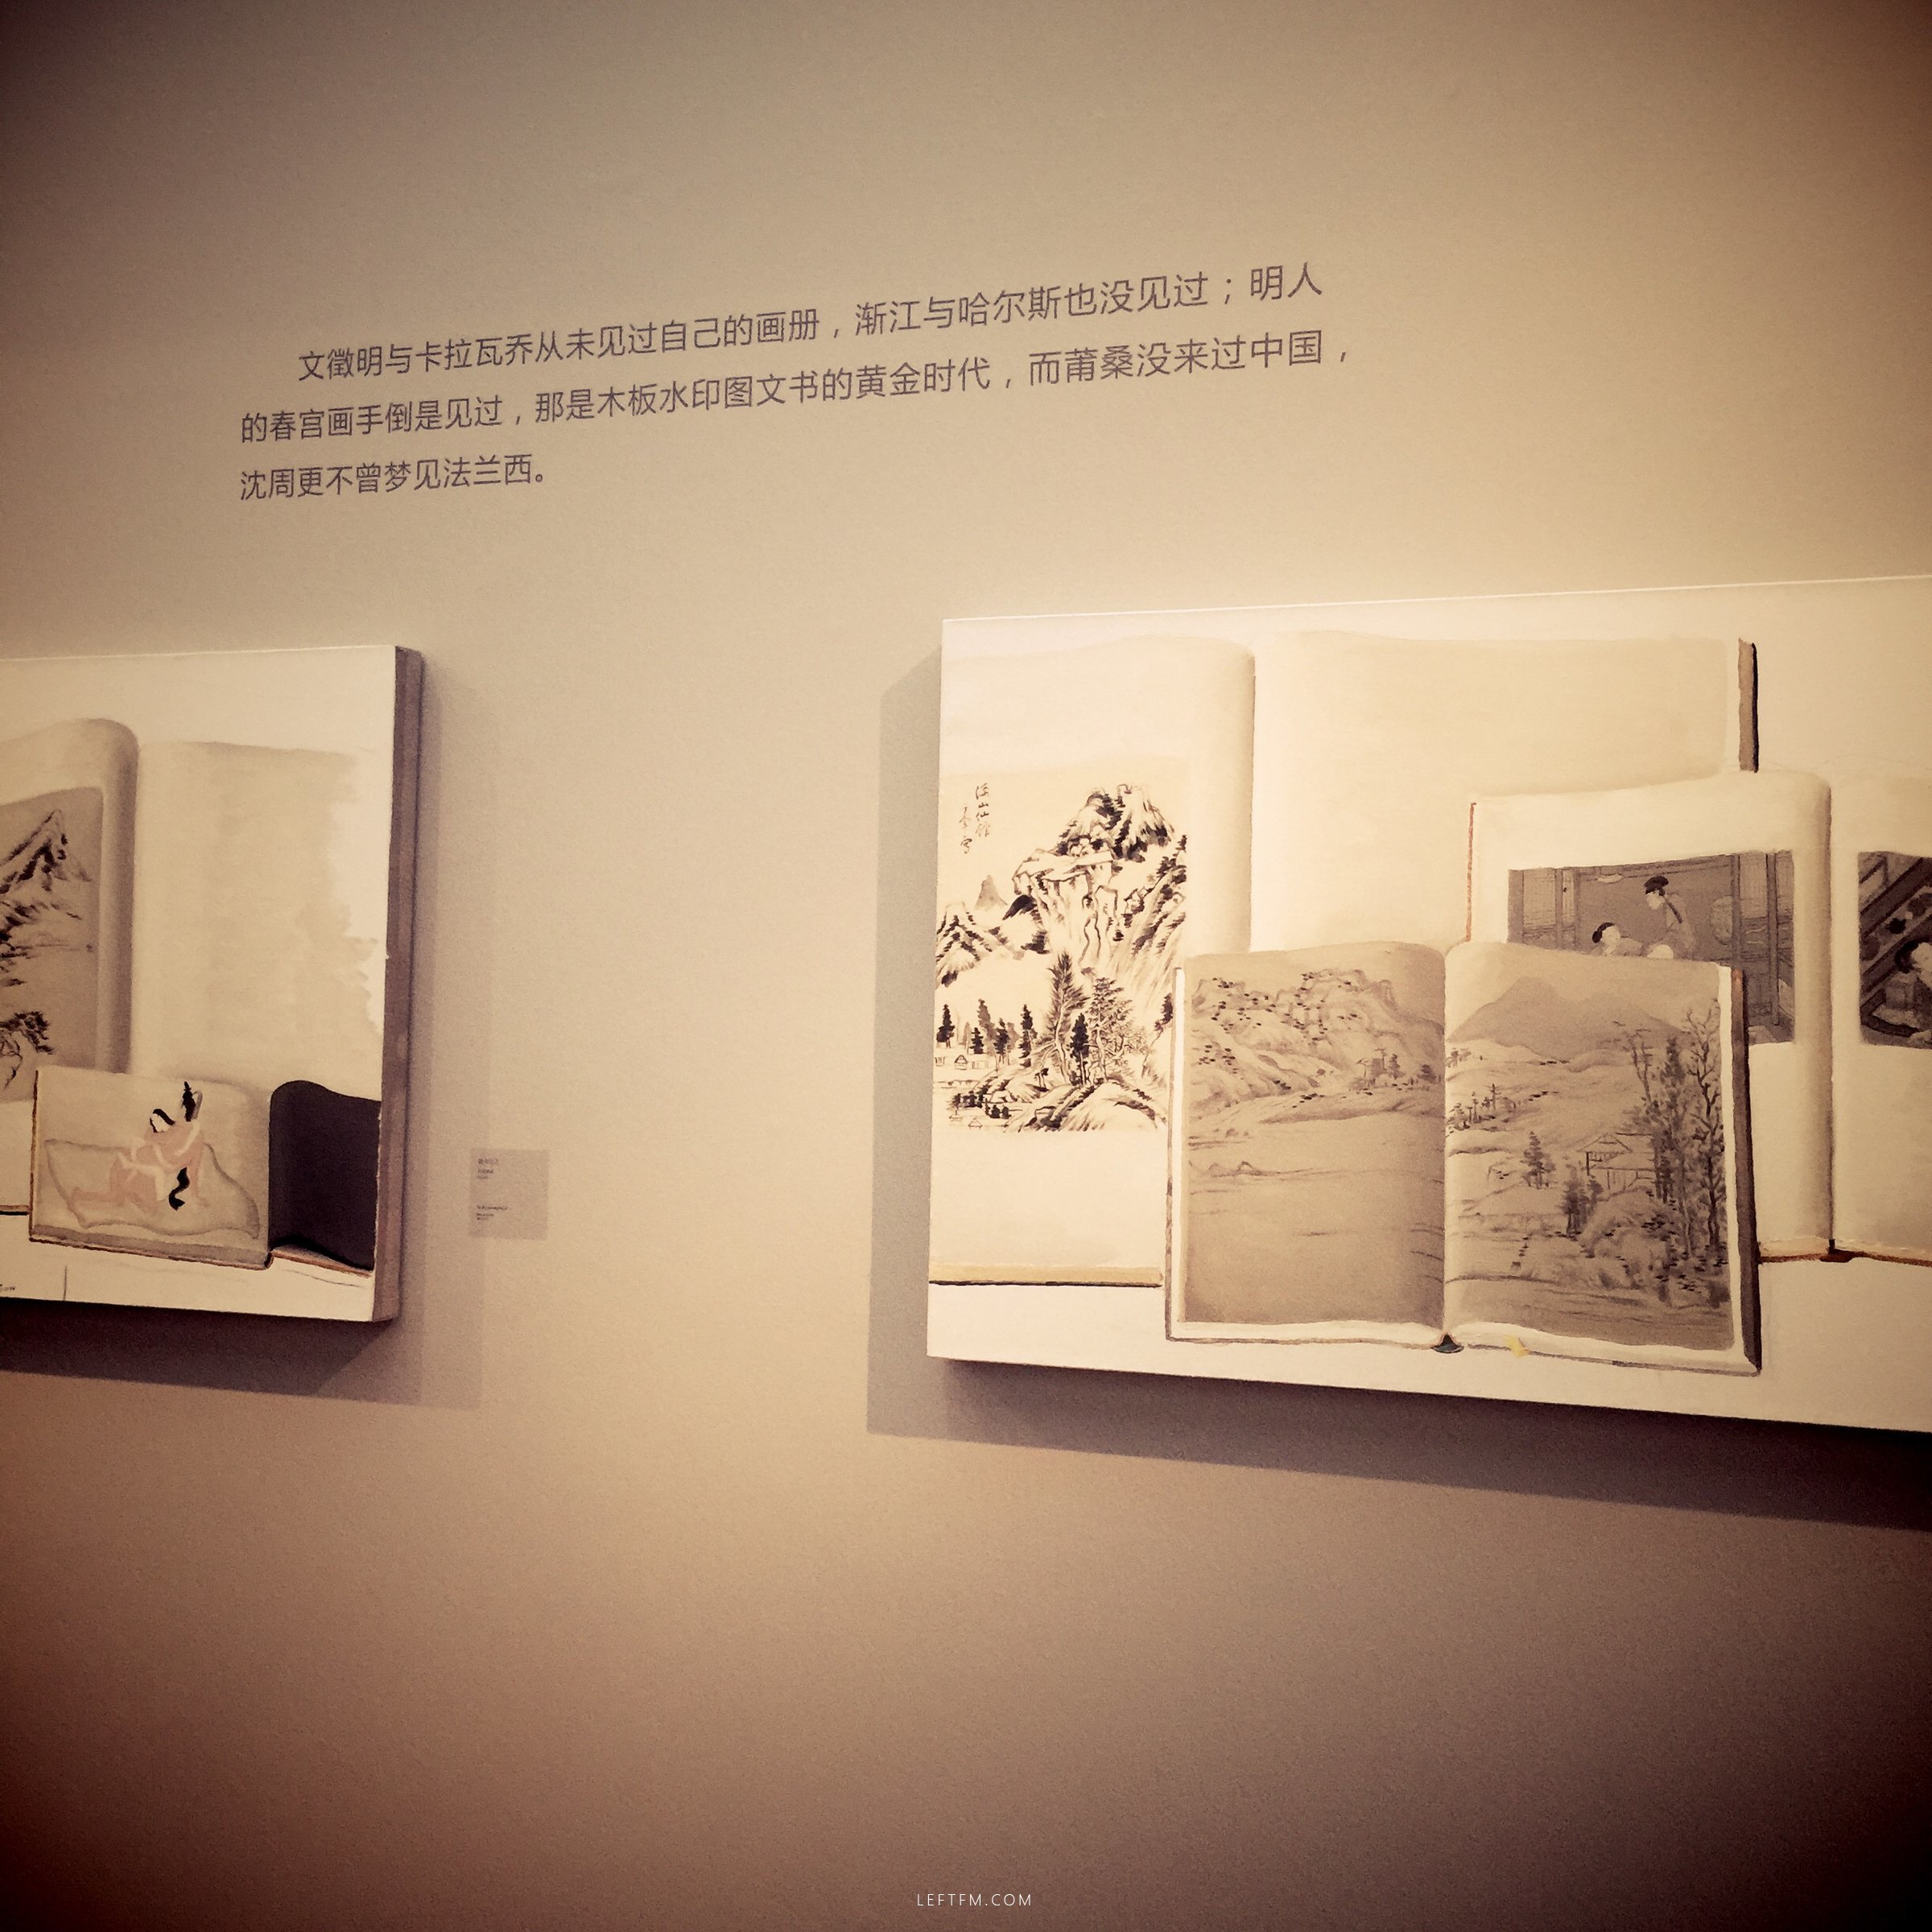 陈丹青苏博静物画册写生展